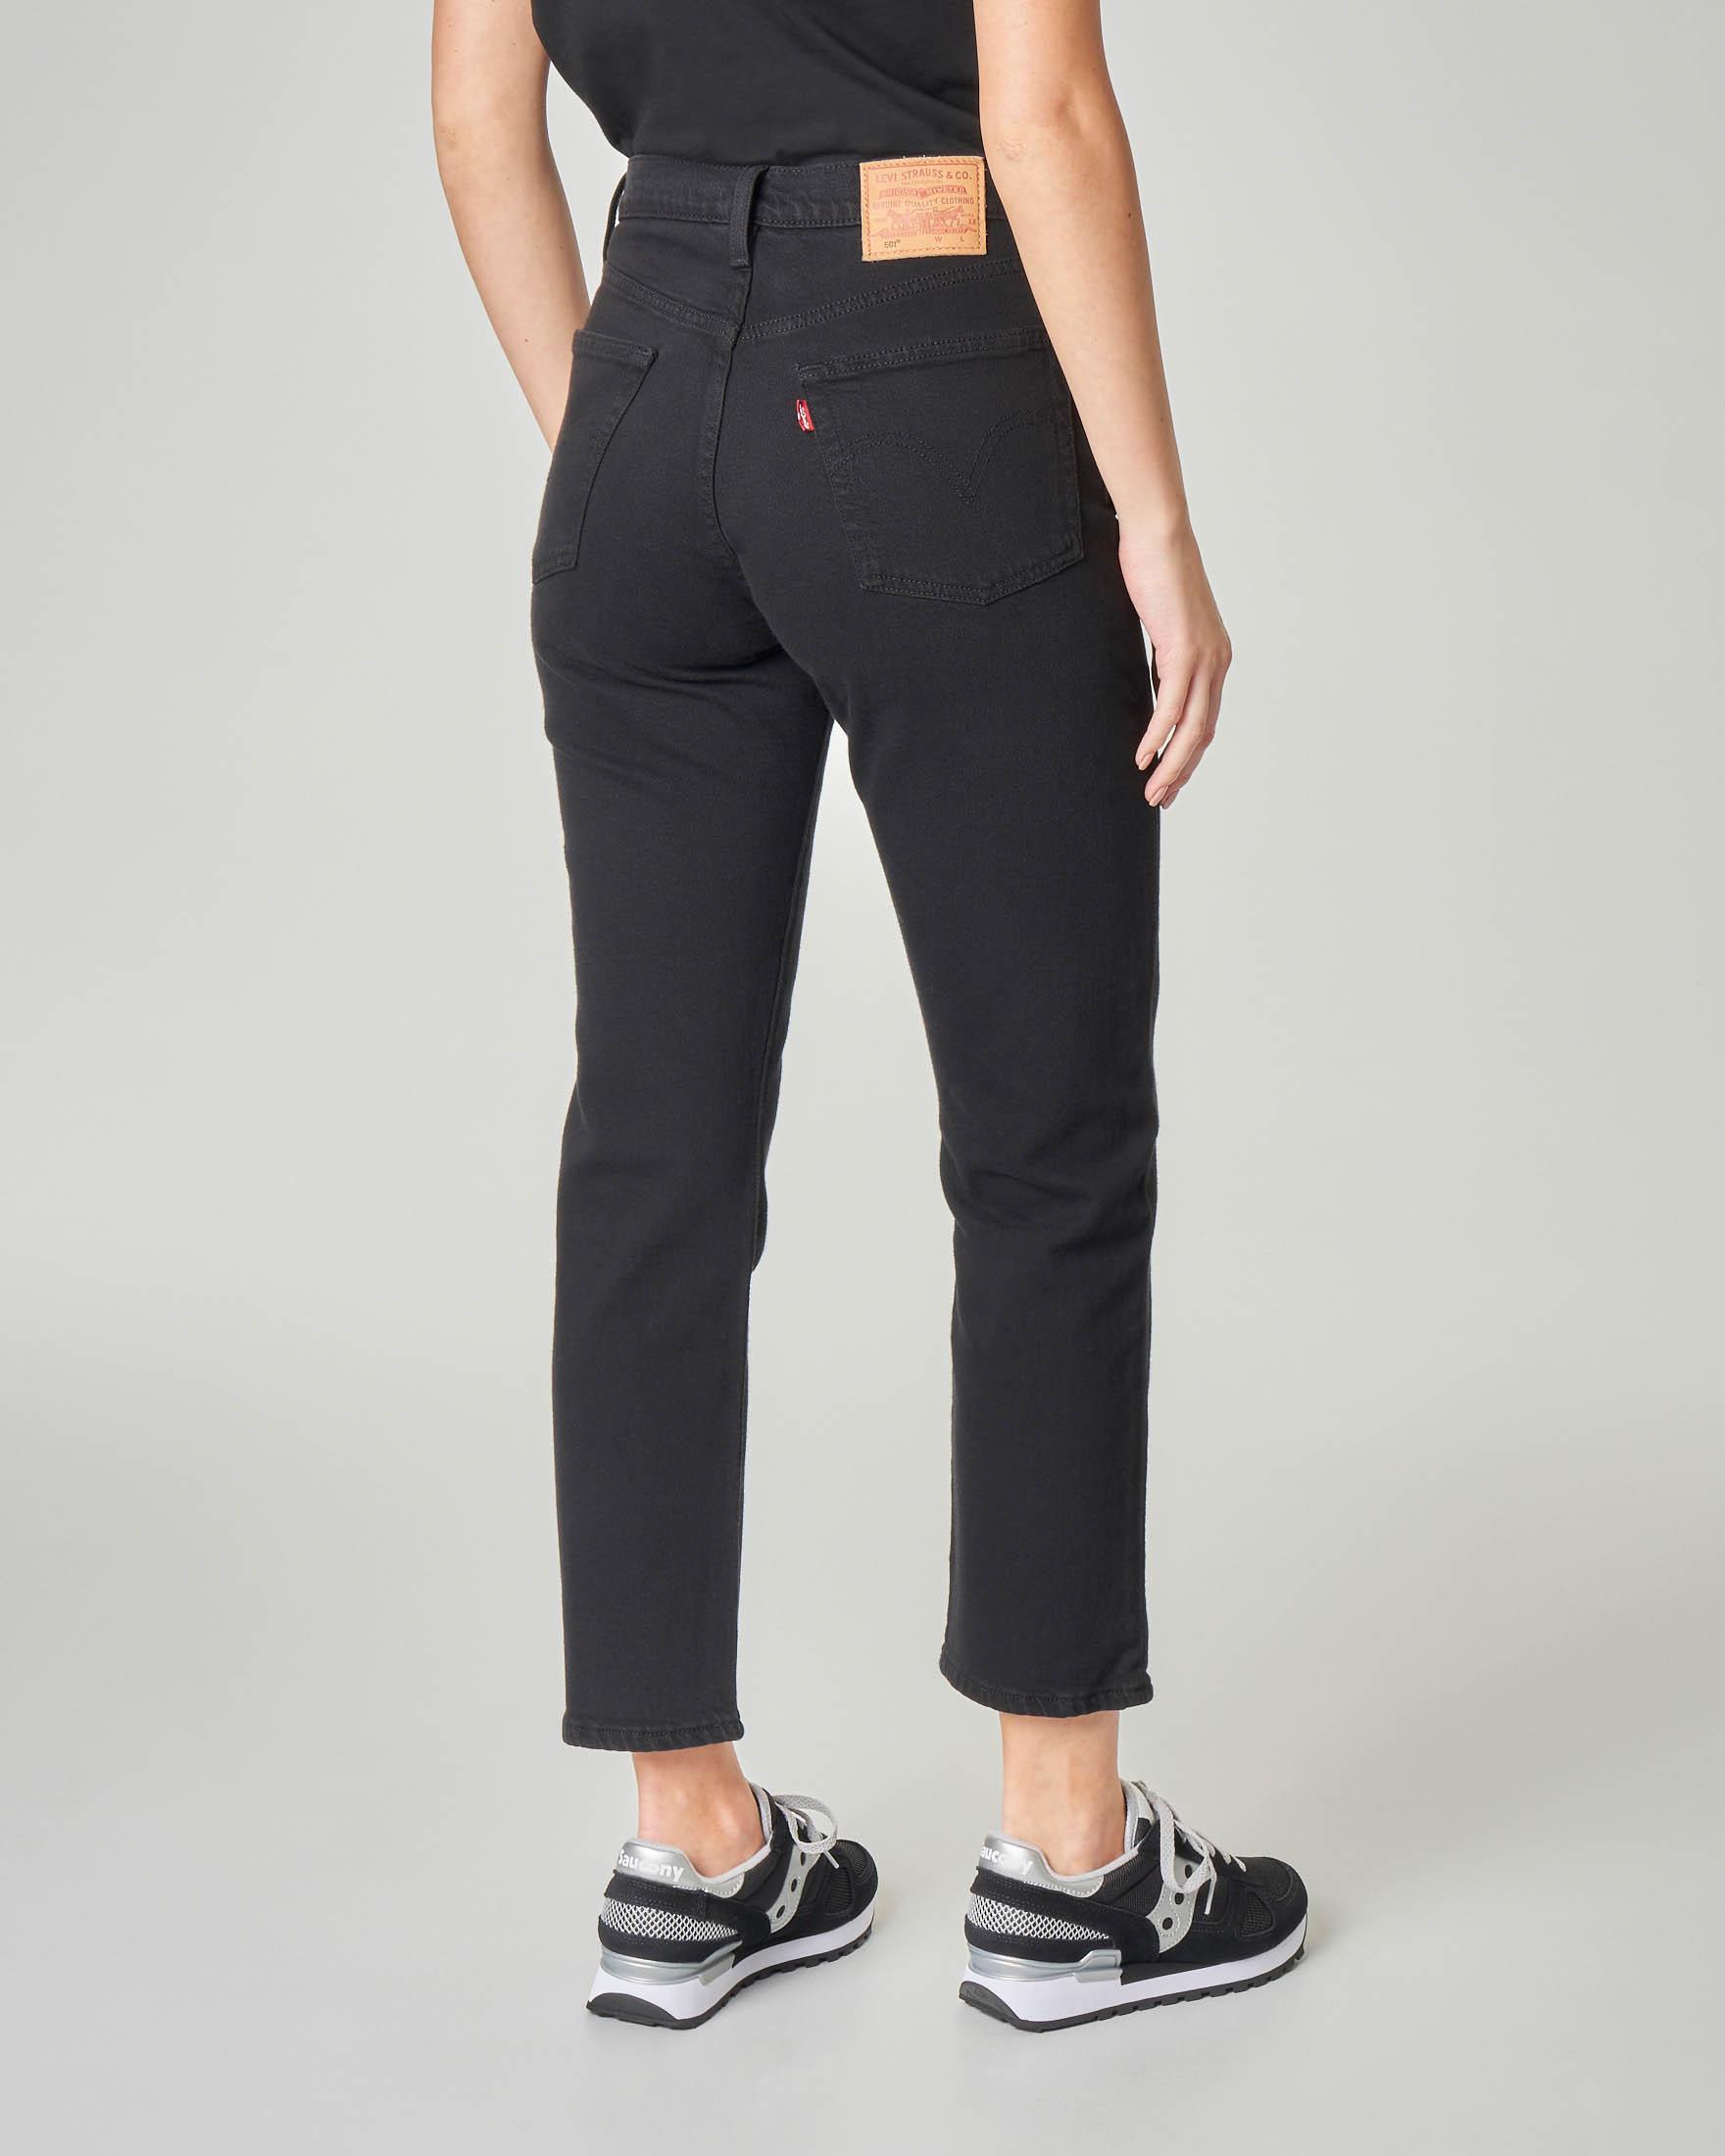 Jeans neri cropped a vita alta